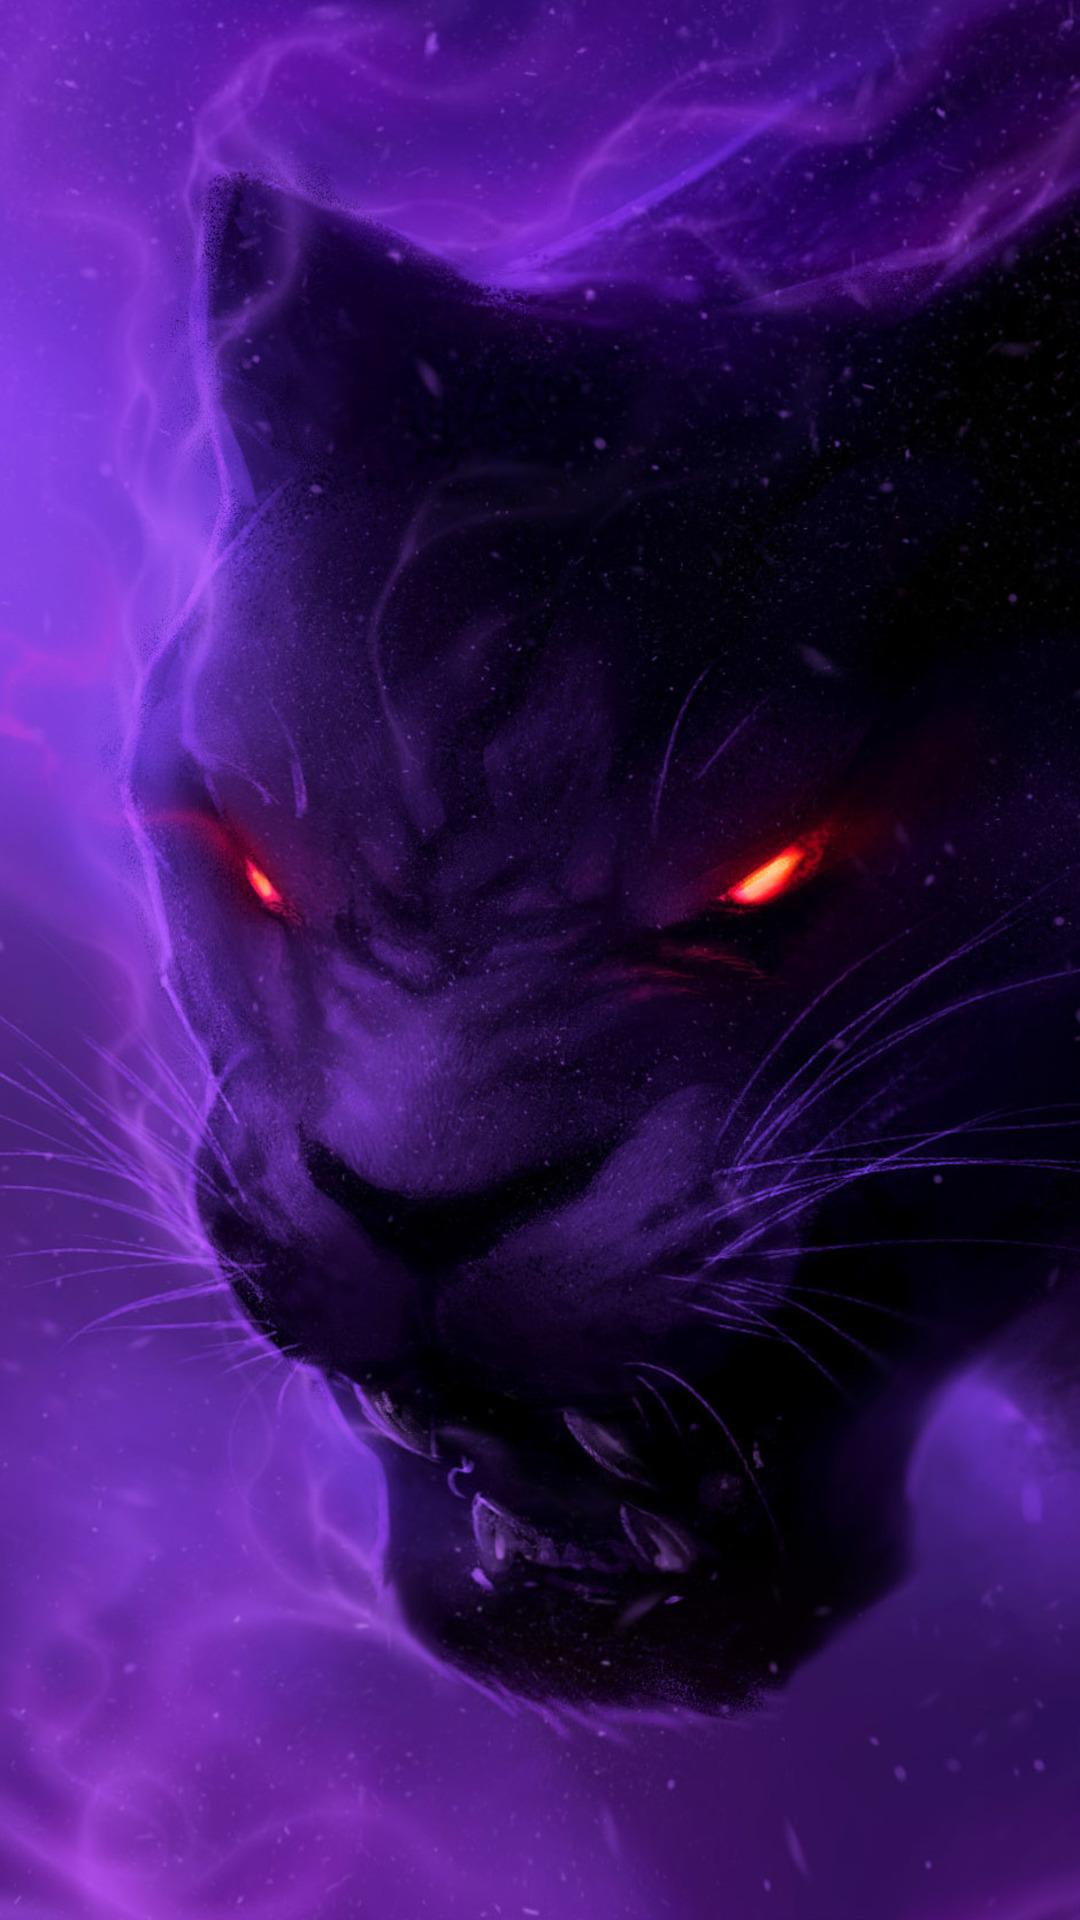 Black Panther Fantasy Wallpaper